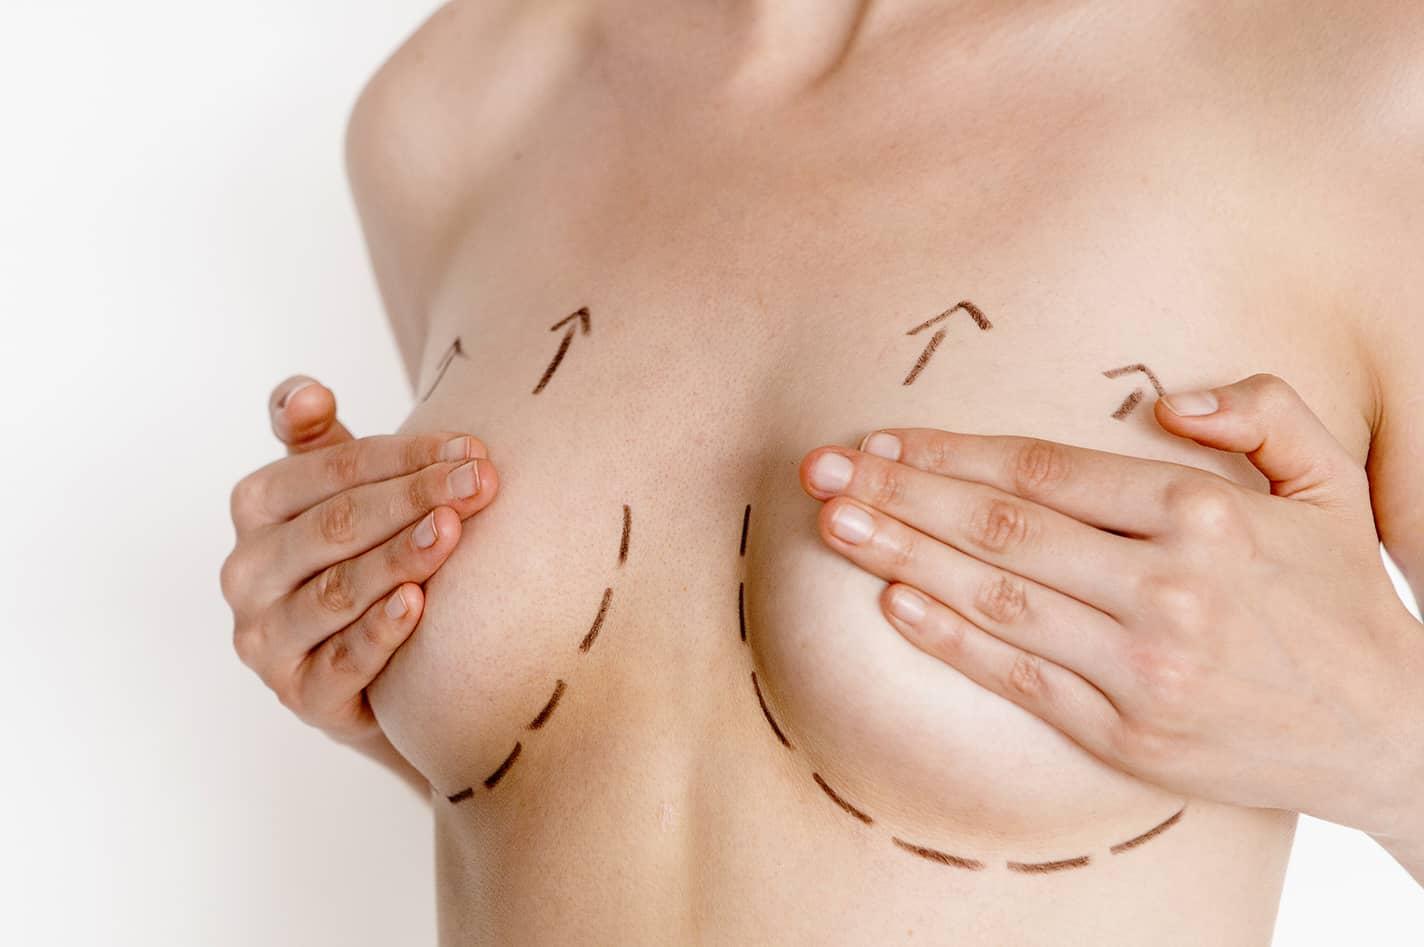 Nâng ngực nội soi nên chọn loại túi nào để tránh tình trạng bao xơ? - chuyengianangnguc.vn